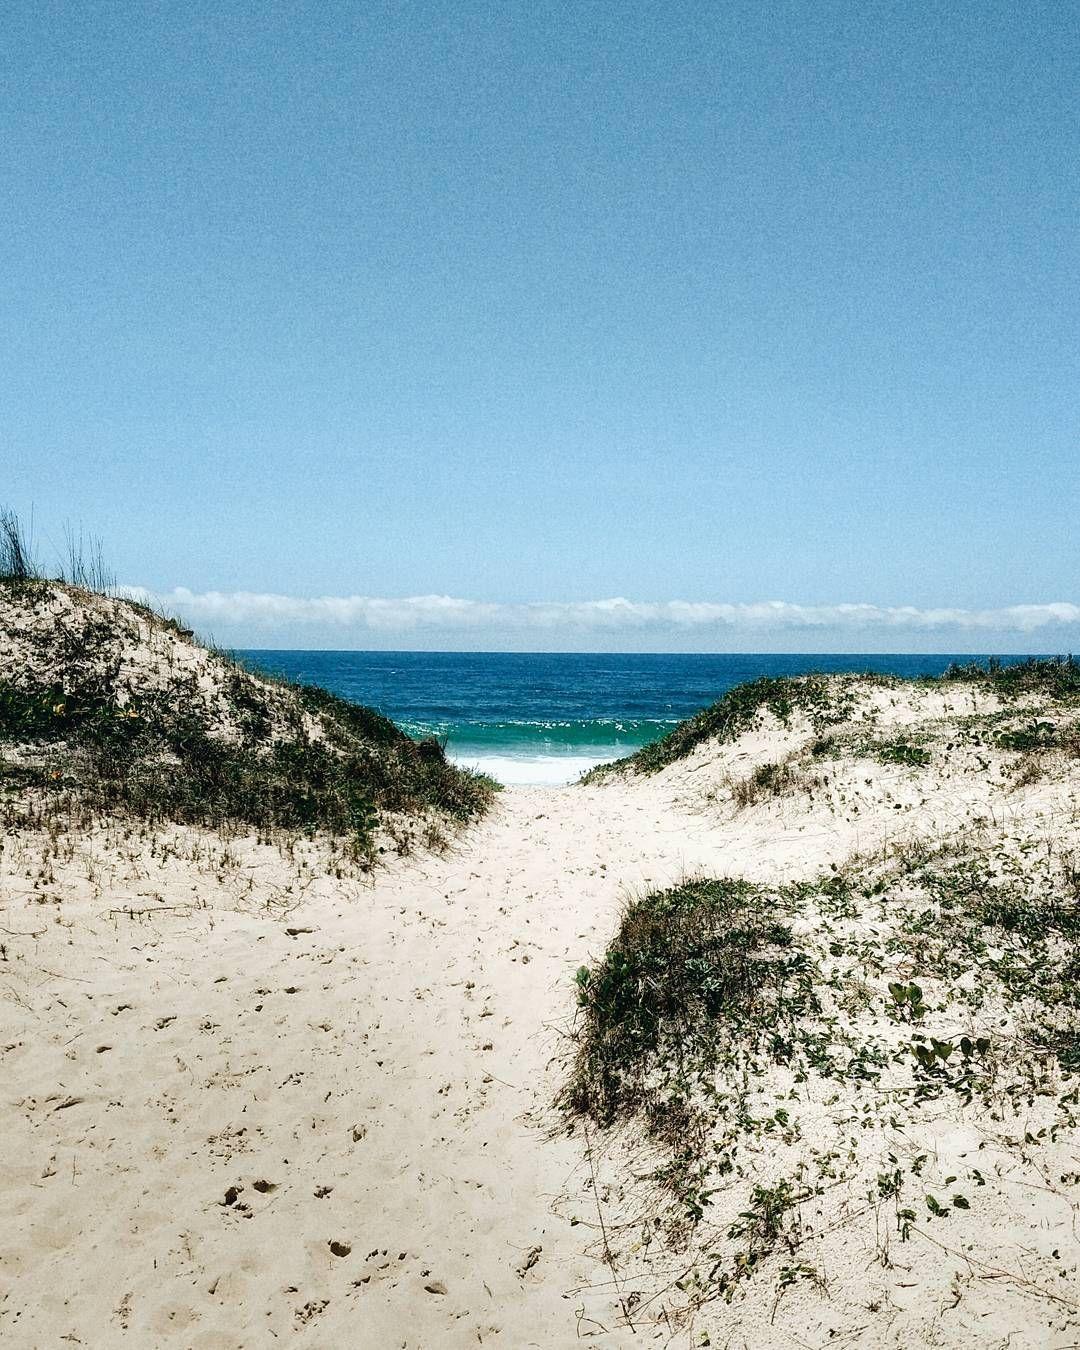 Meu paraíso! #paradise #beachlife #floripa #vidanapraia #verão #summer #oiverão #marzão #mar